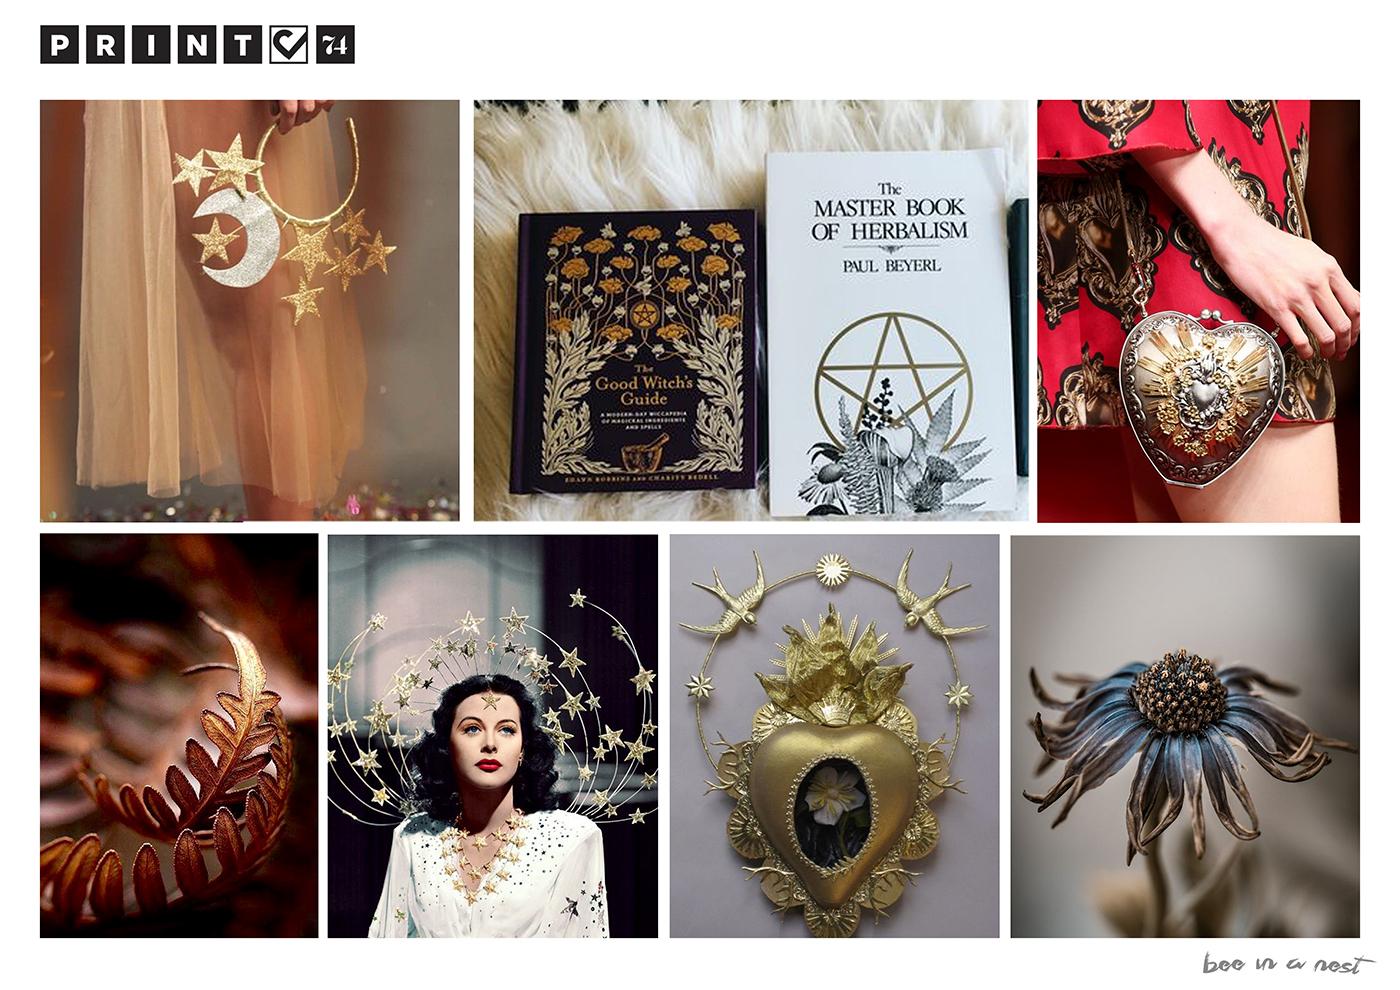 print74_michela-tannoia_2.jpg